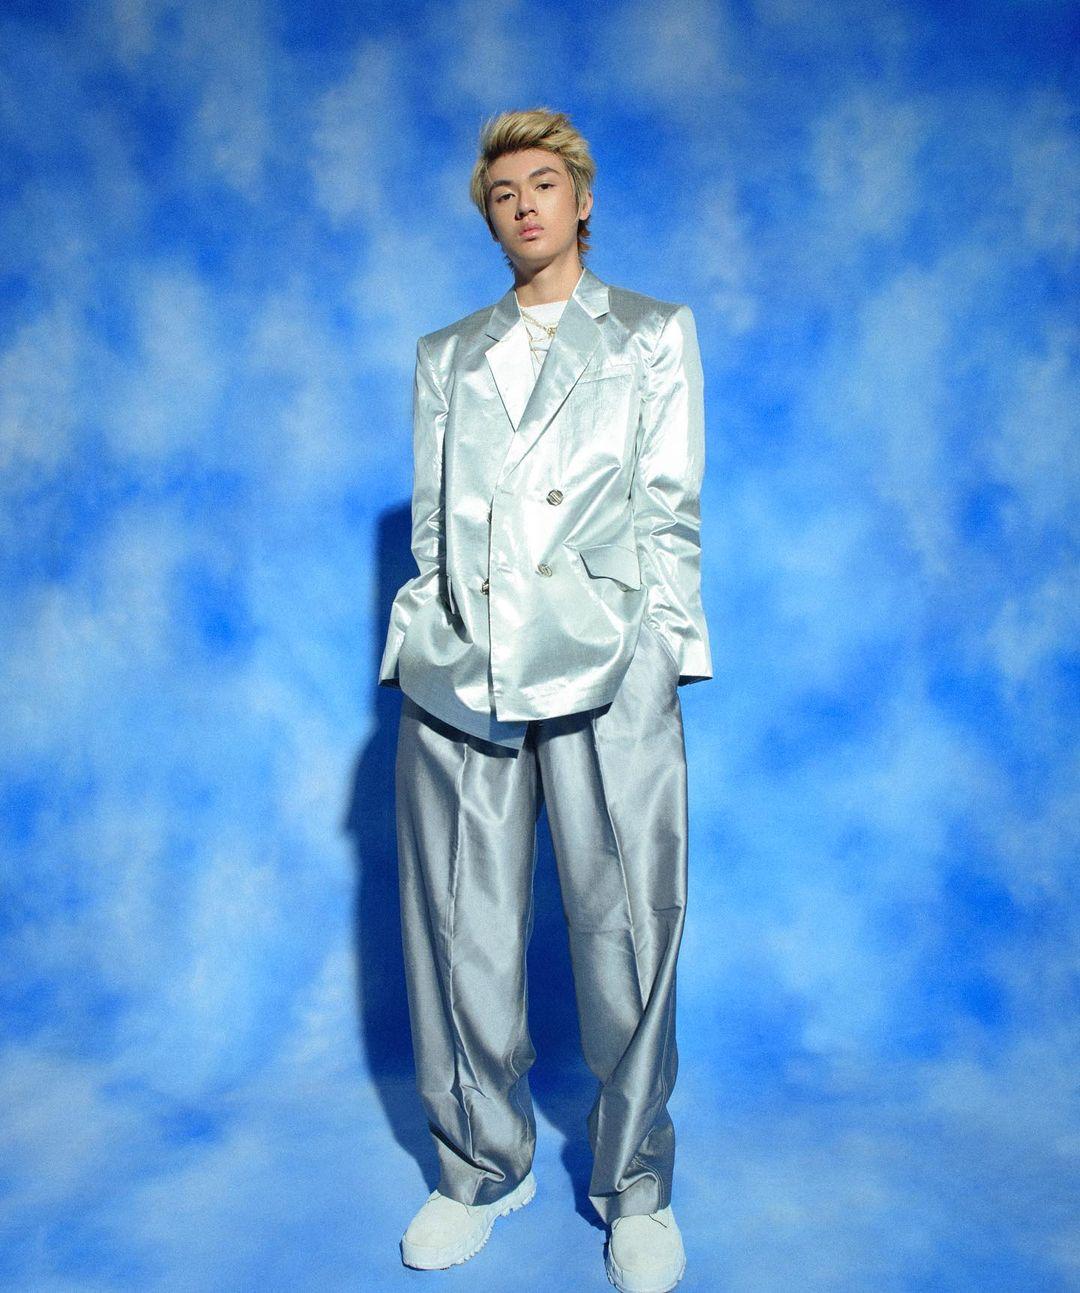 ATARASHII GAKKO! X Rapper Asal Indo Warren Hue, Rilis Lagu Baru 'FREAKS' 3